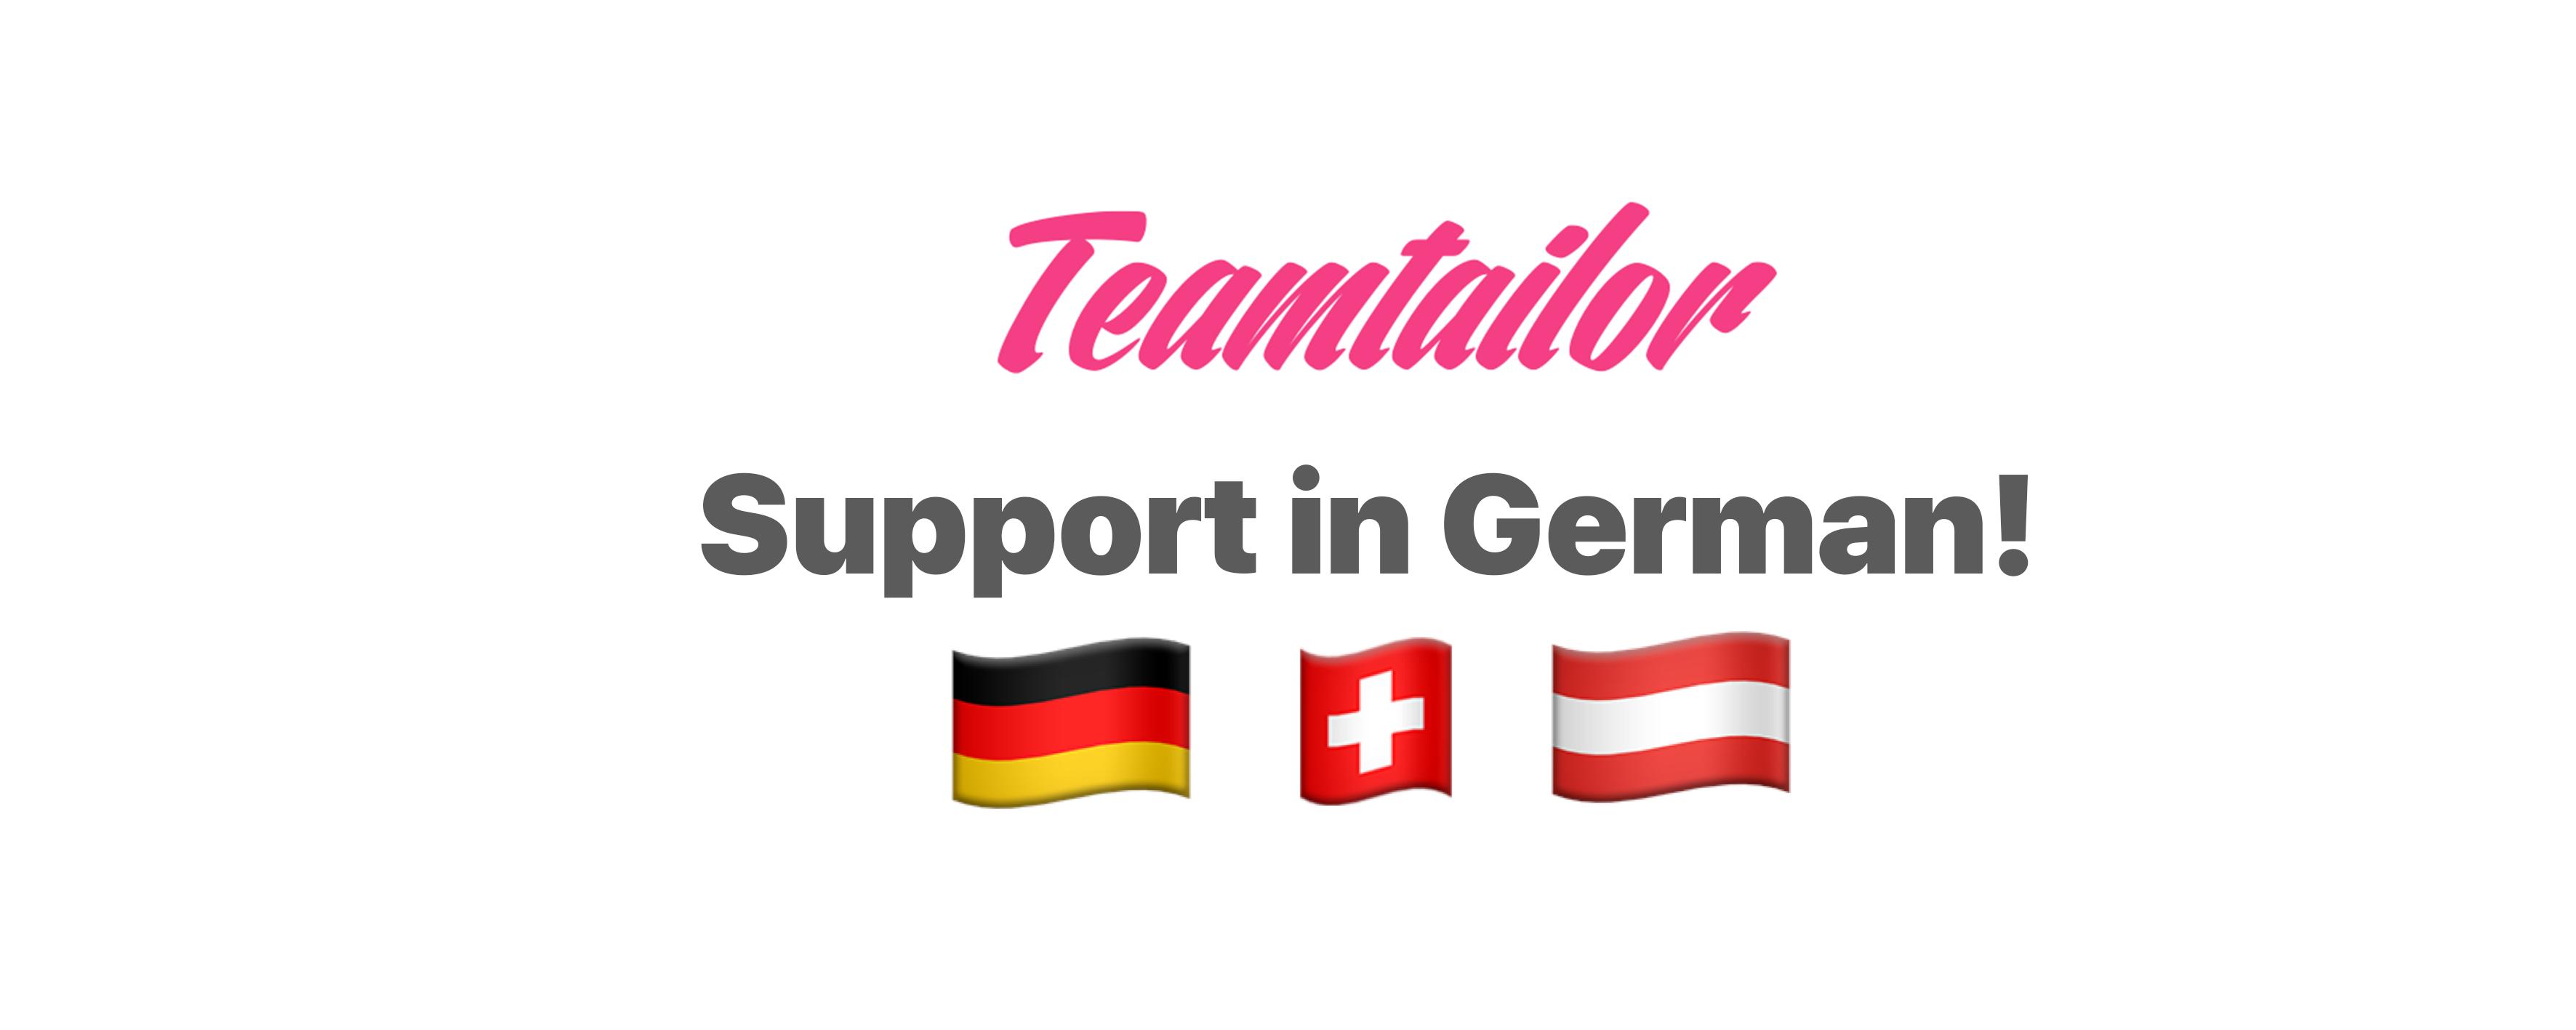 support in german header